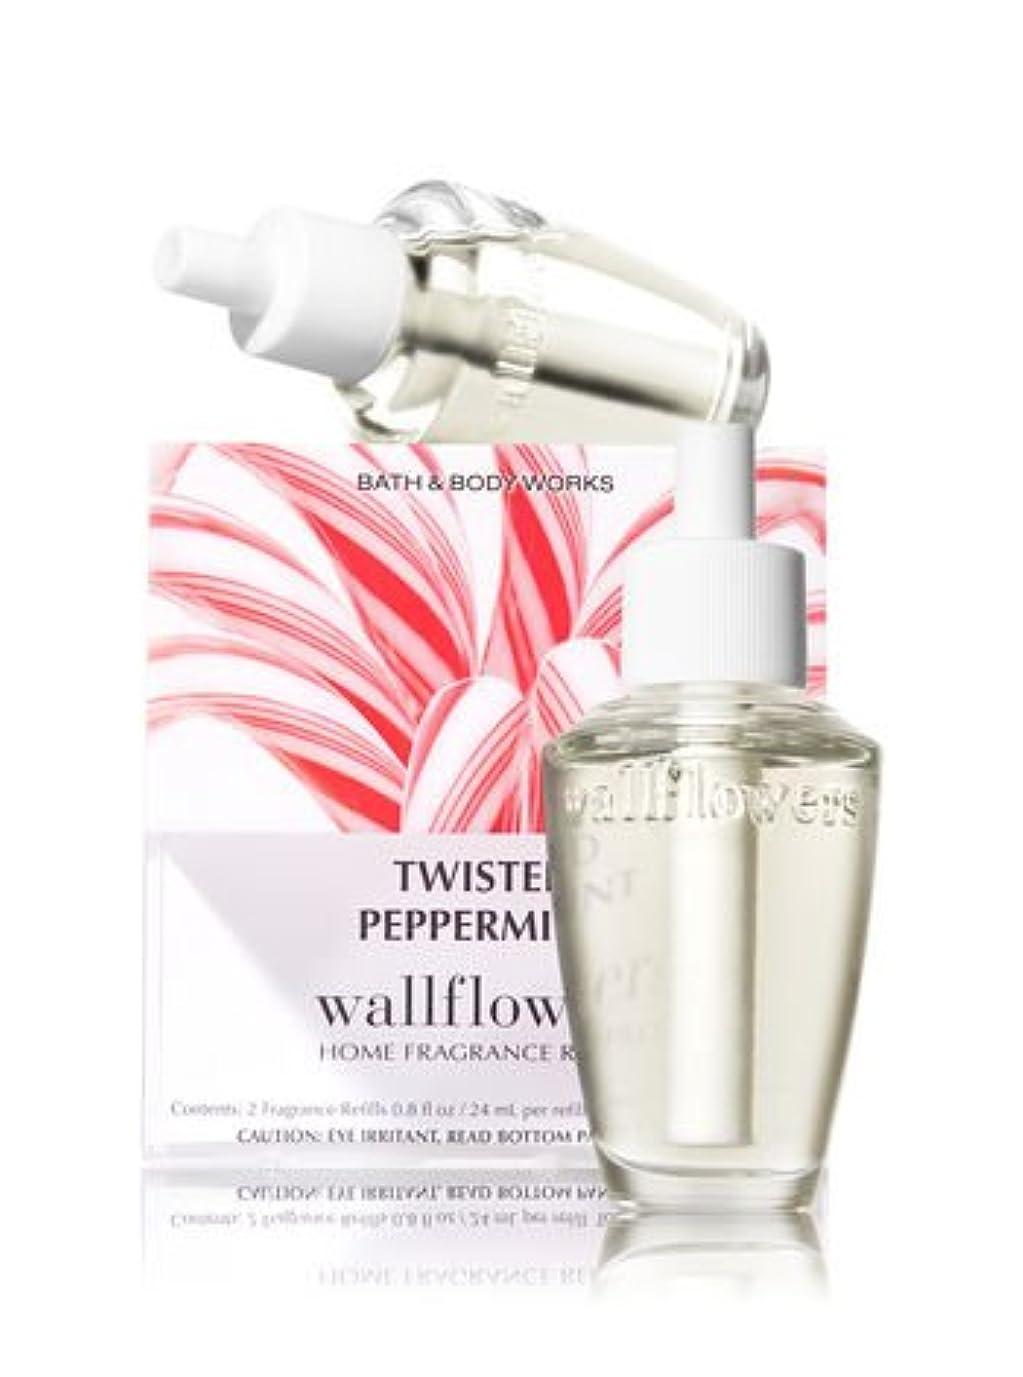 コロニー挽くシャット【Bath&Body Works/バス&ボディワークス】 ルームフレグランス 詰替えリフィル(2個入り) ツイステッドペパーミント Wallflowers Home Fragrance 2-Pack Refills Twisted Peppermint [並行輸入品]